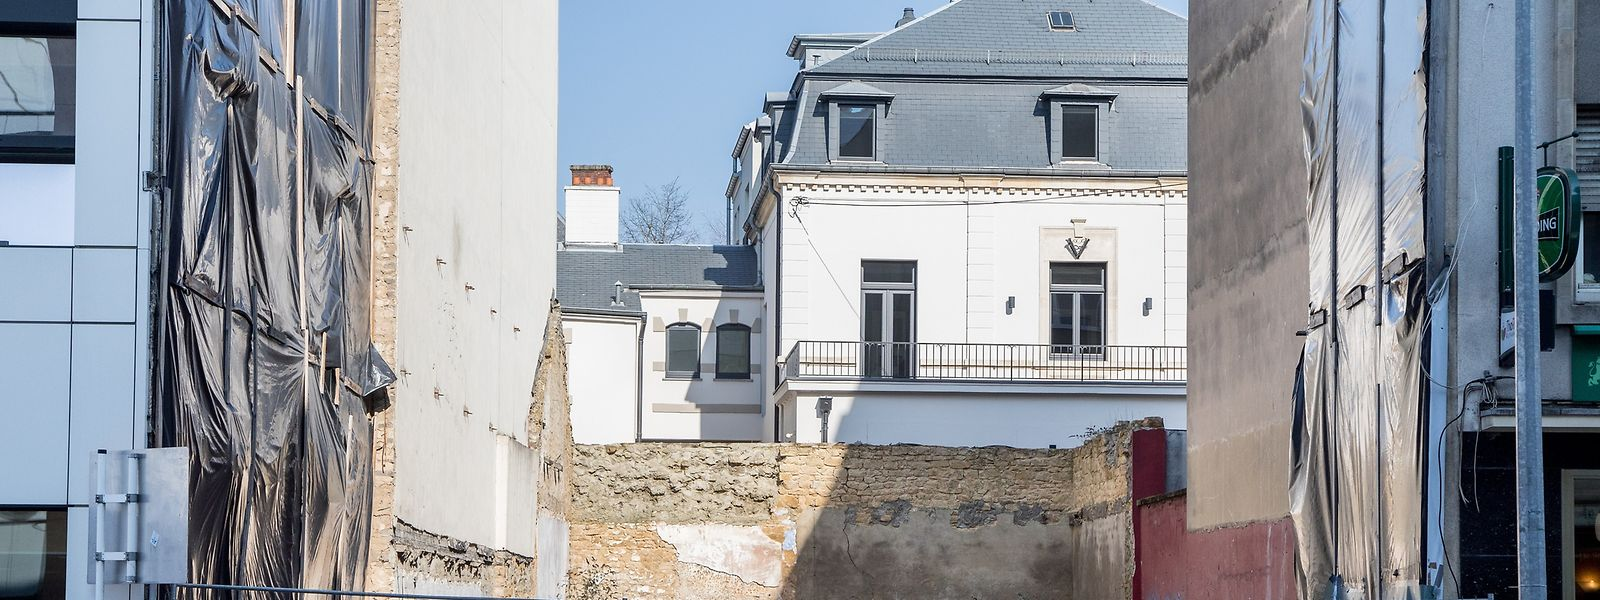 Zwischen 2010 und 2016 wurden in Luxemburg im Schnitt pro Jahr 2.730 Wohnungen gebaut.